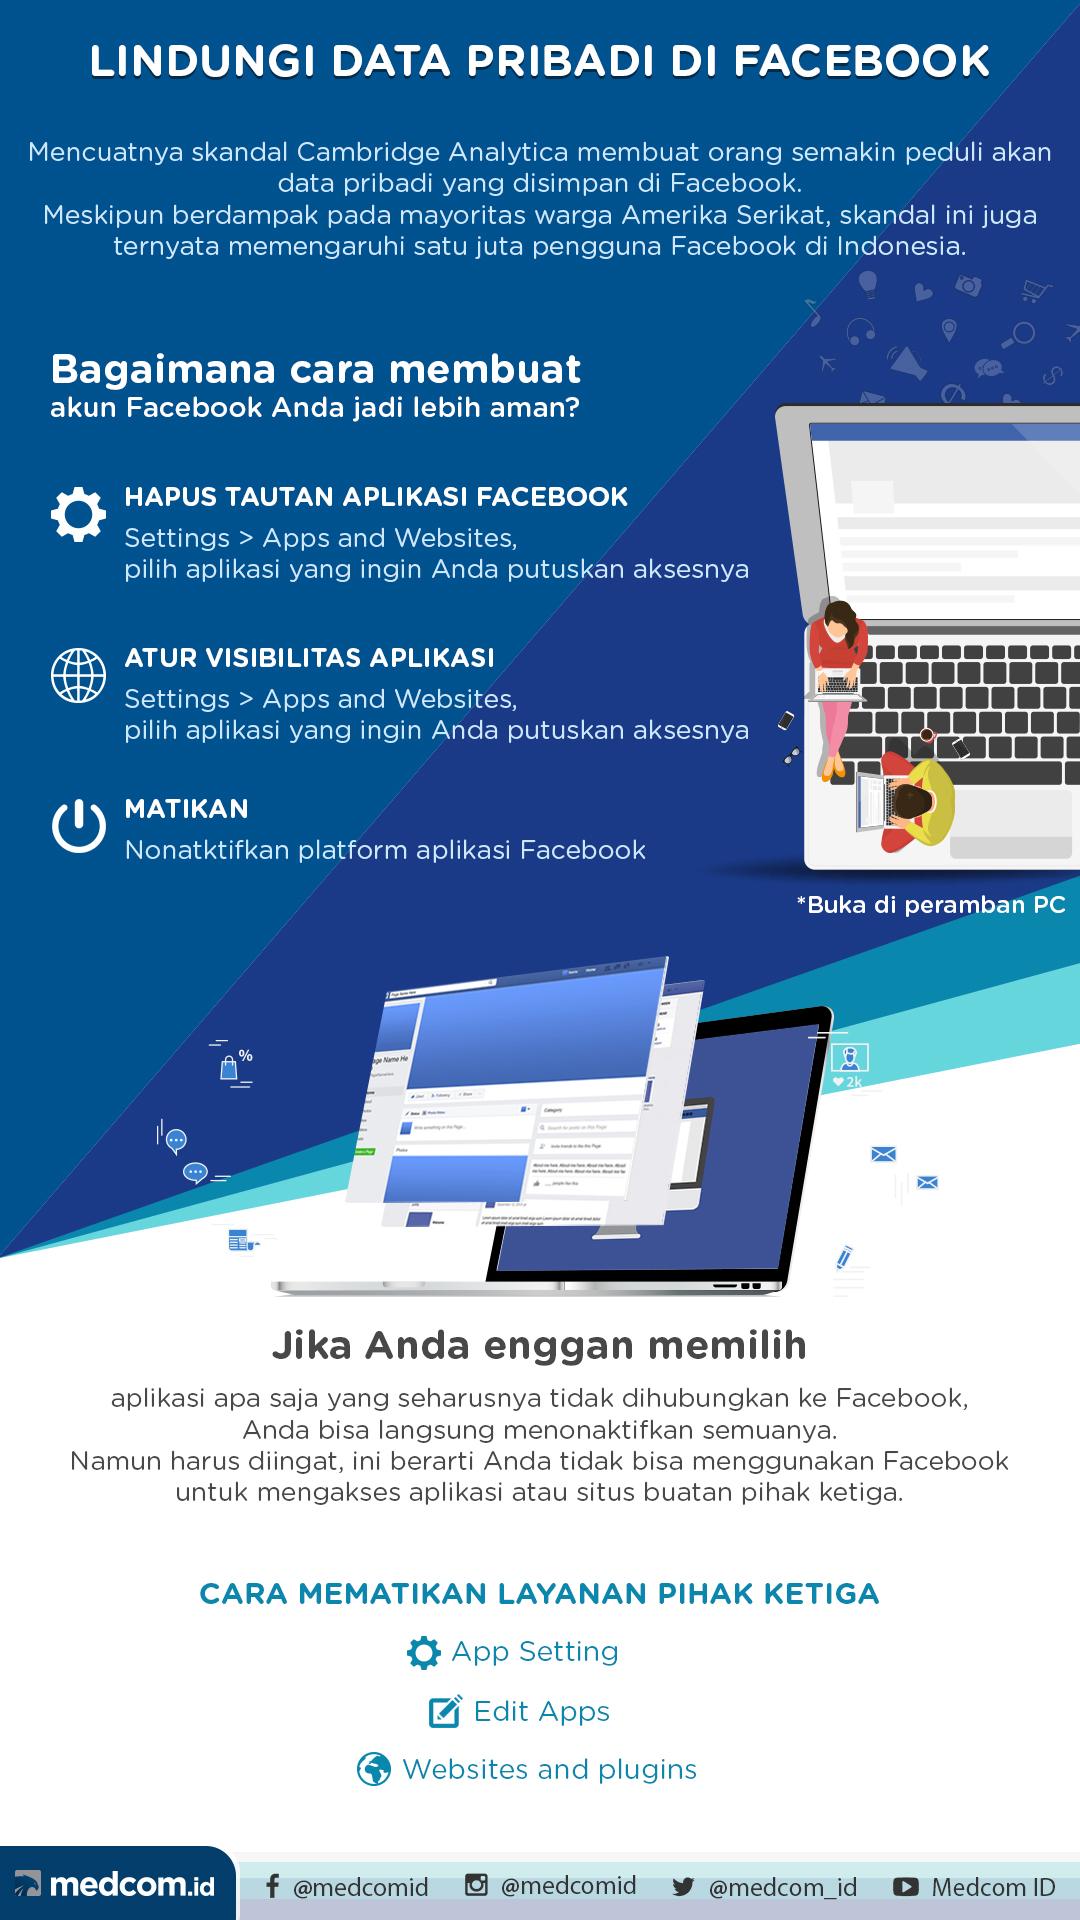 Lindungi Data Pribadi di Facebook